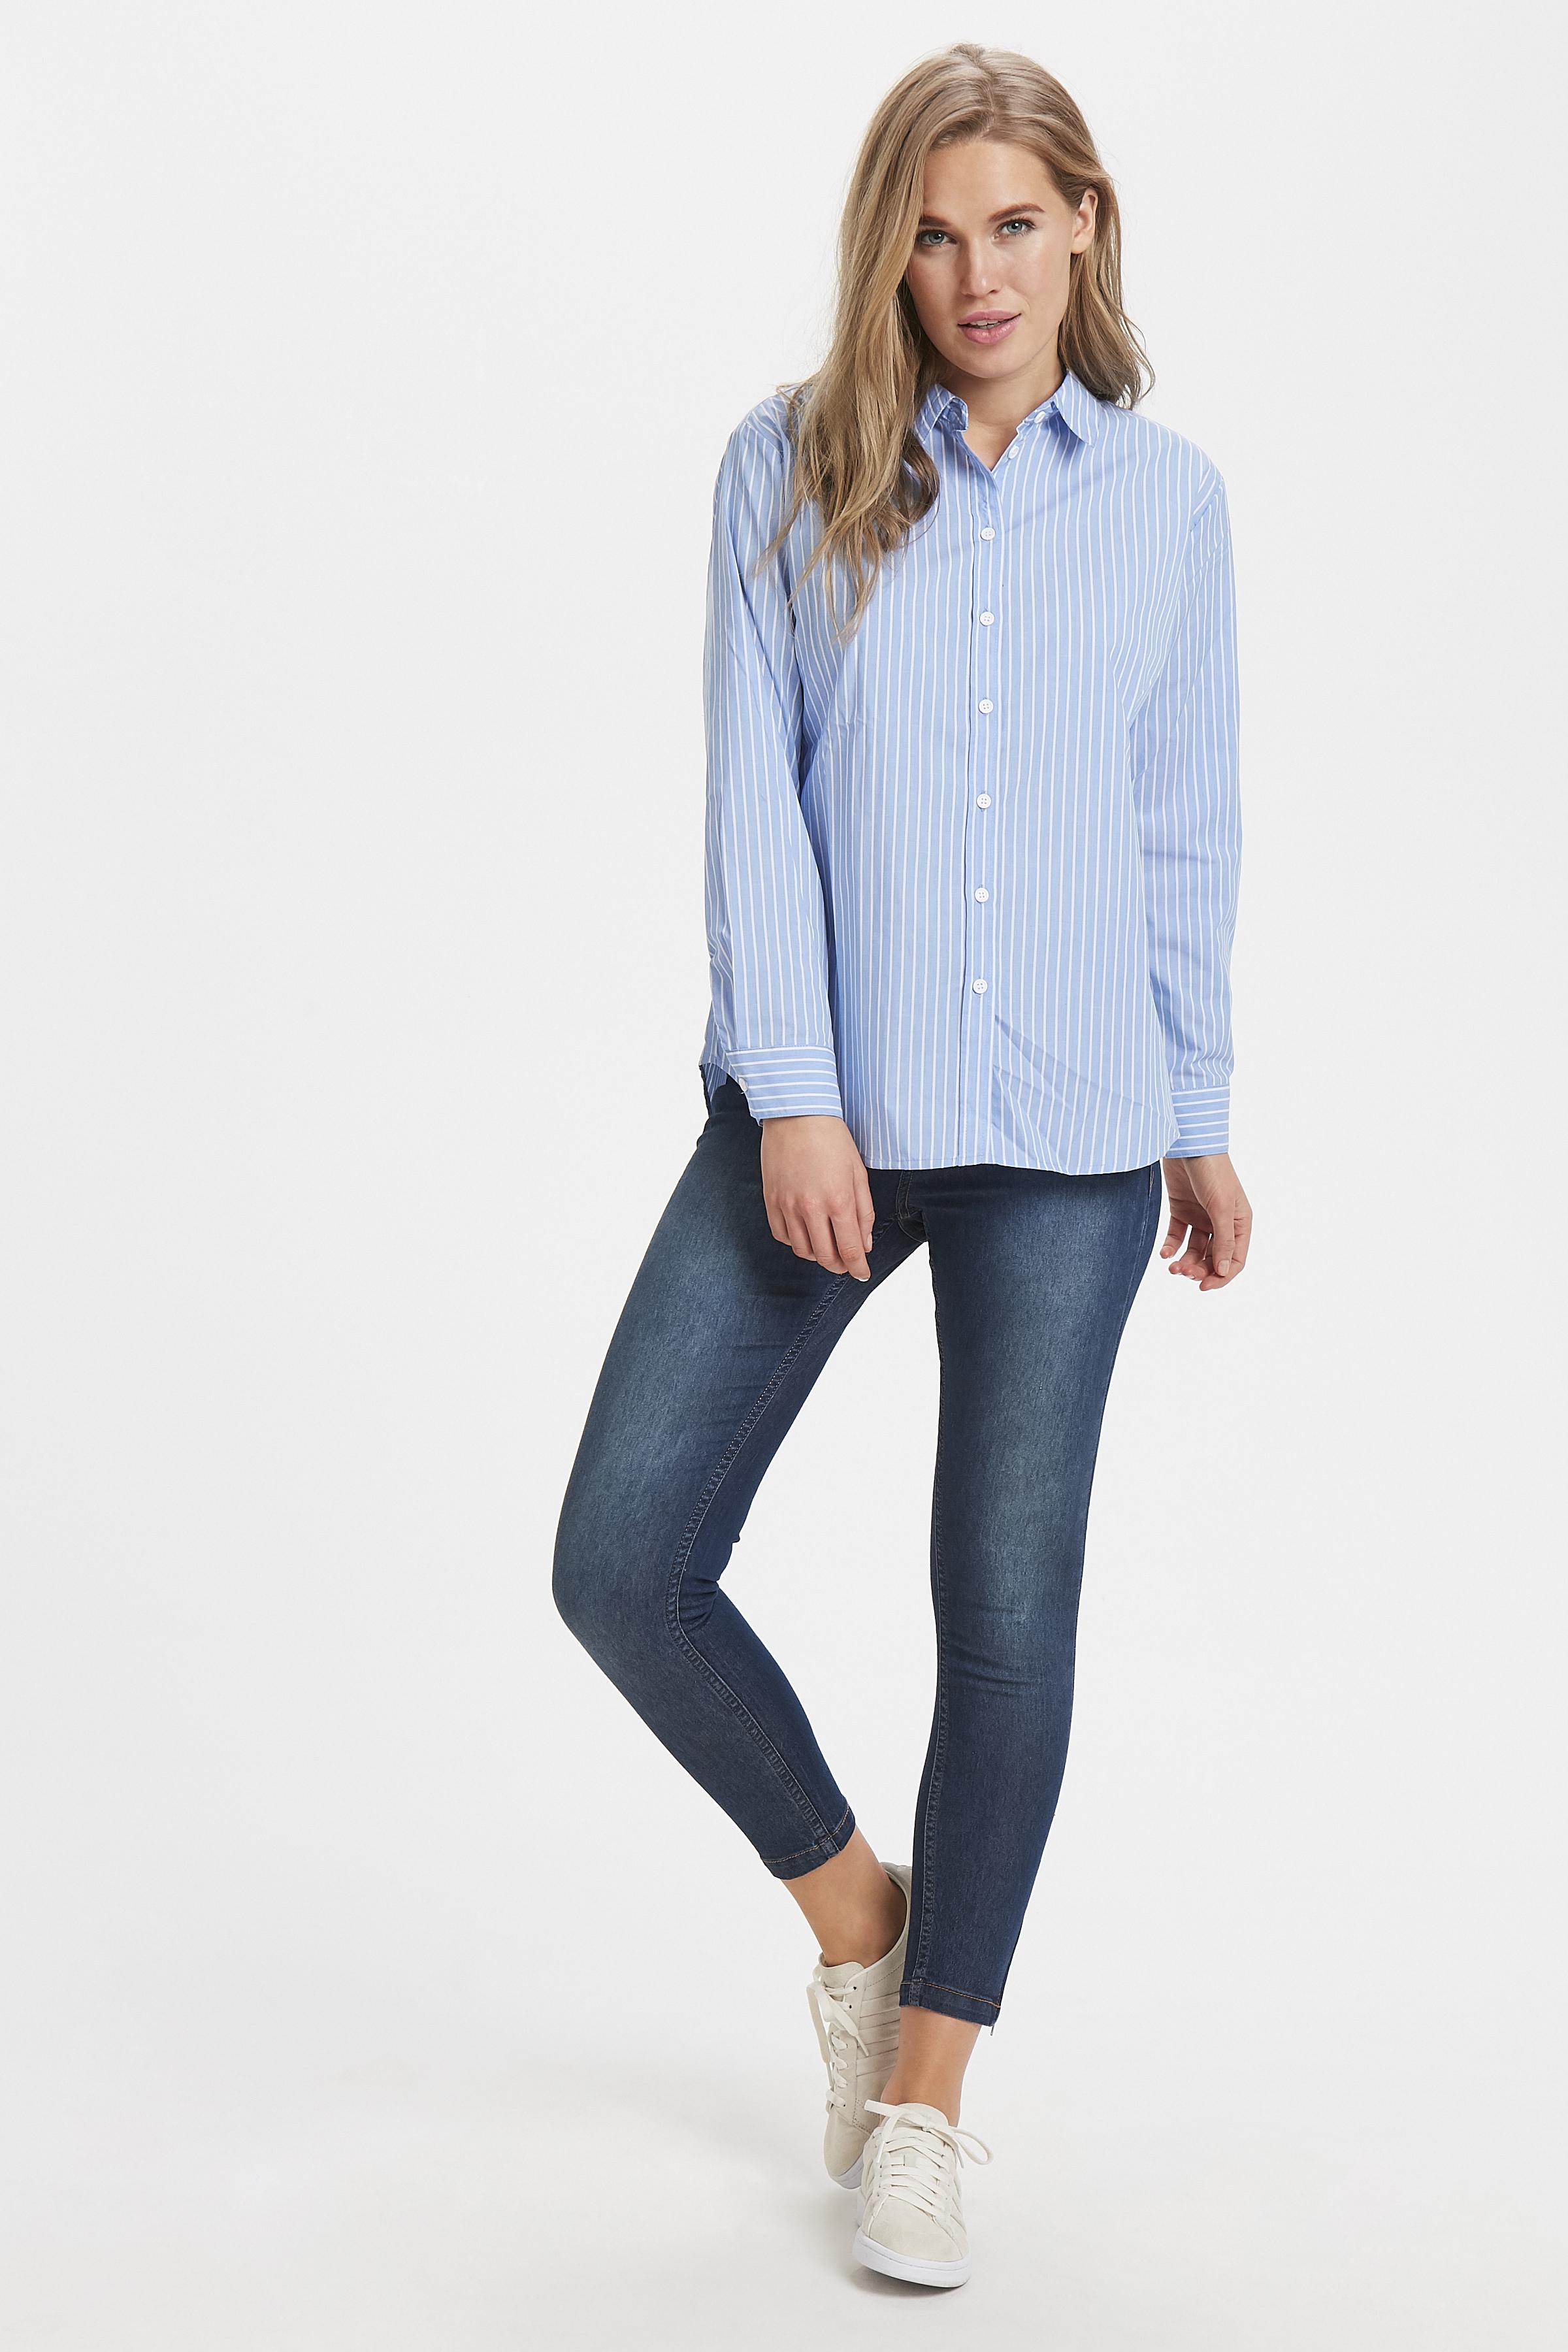 Cornflower Blue combi Langarm - Hemd von b.young – Kaufen Sie Cornflower Blue combi Langarm - Hemd aus Größe 34-44 hier